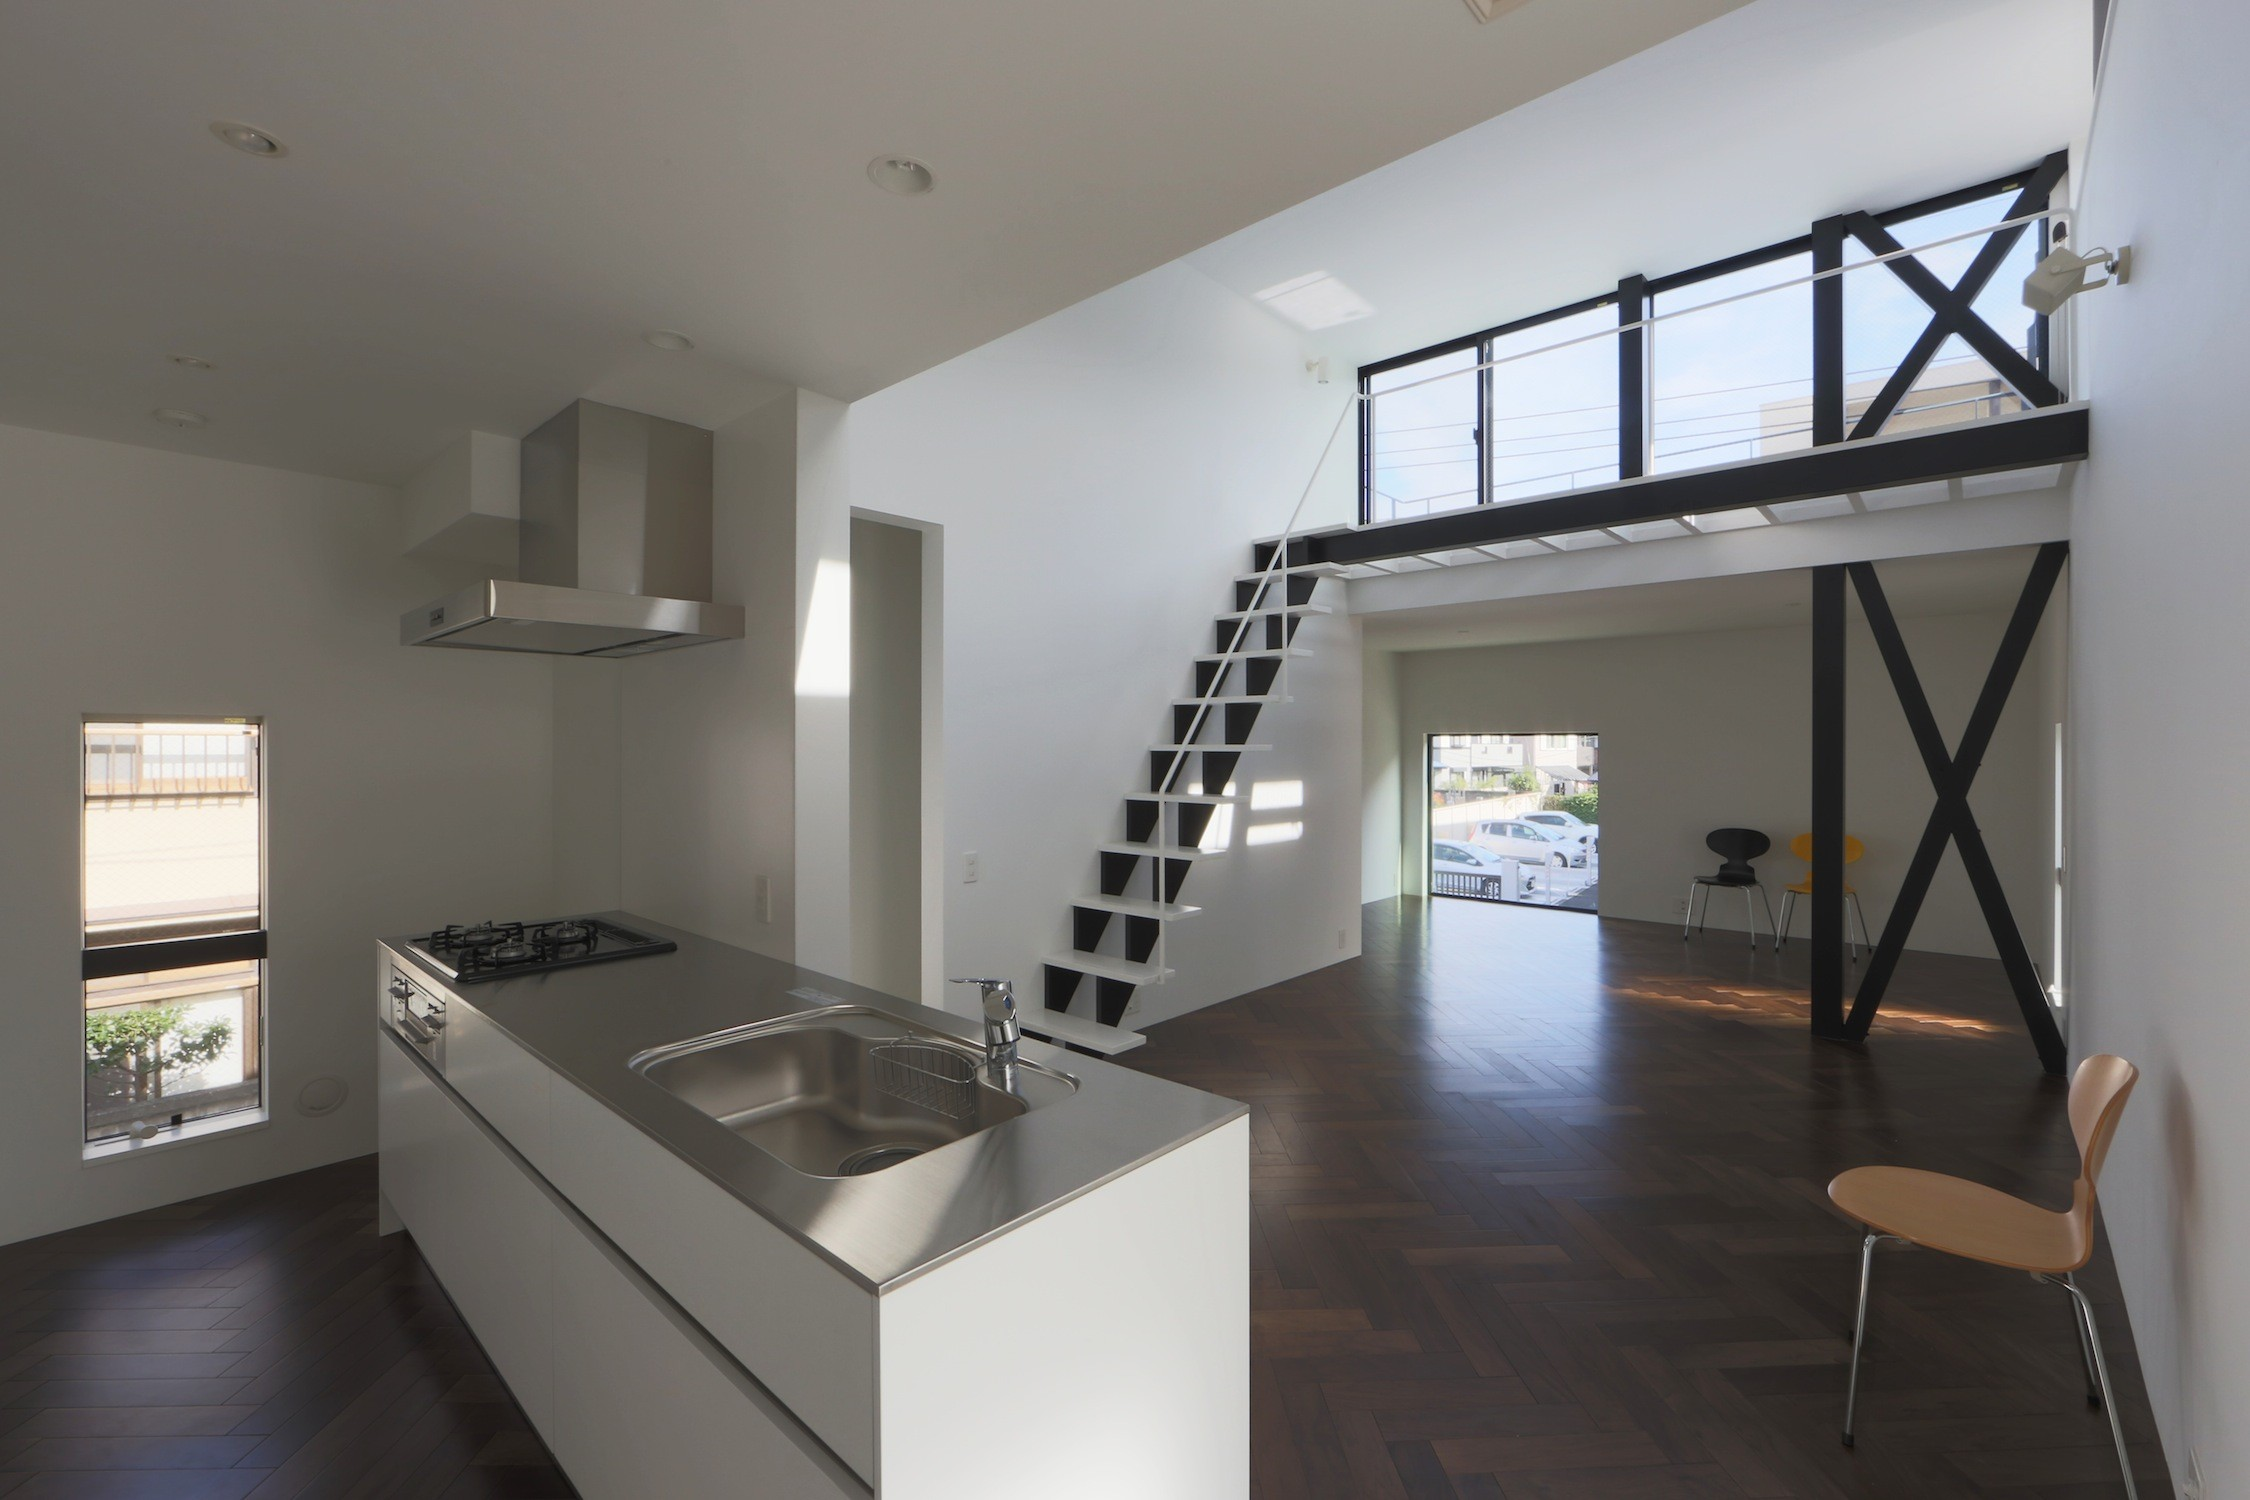 キッチン事例:キッチン(2階リビングの家 ハコノオウチ08)